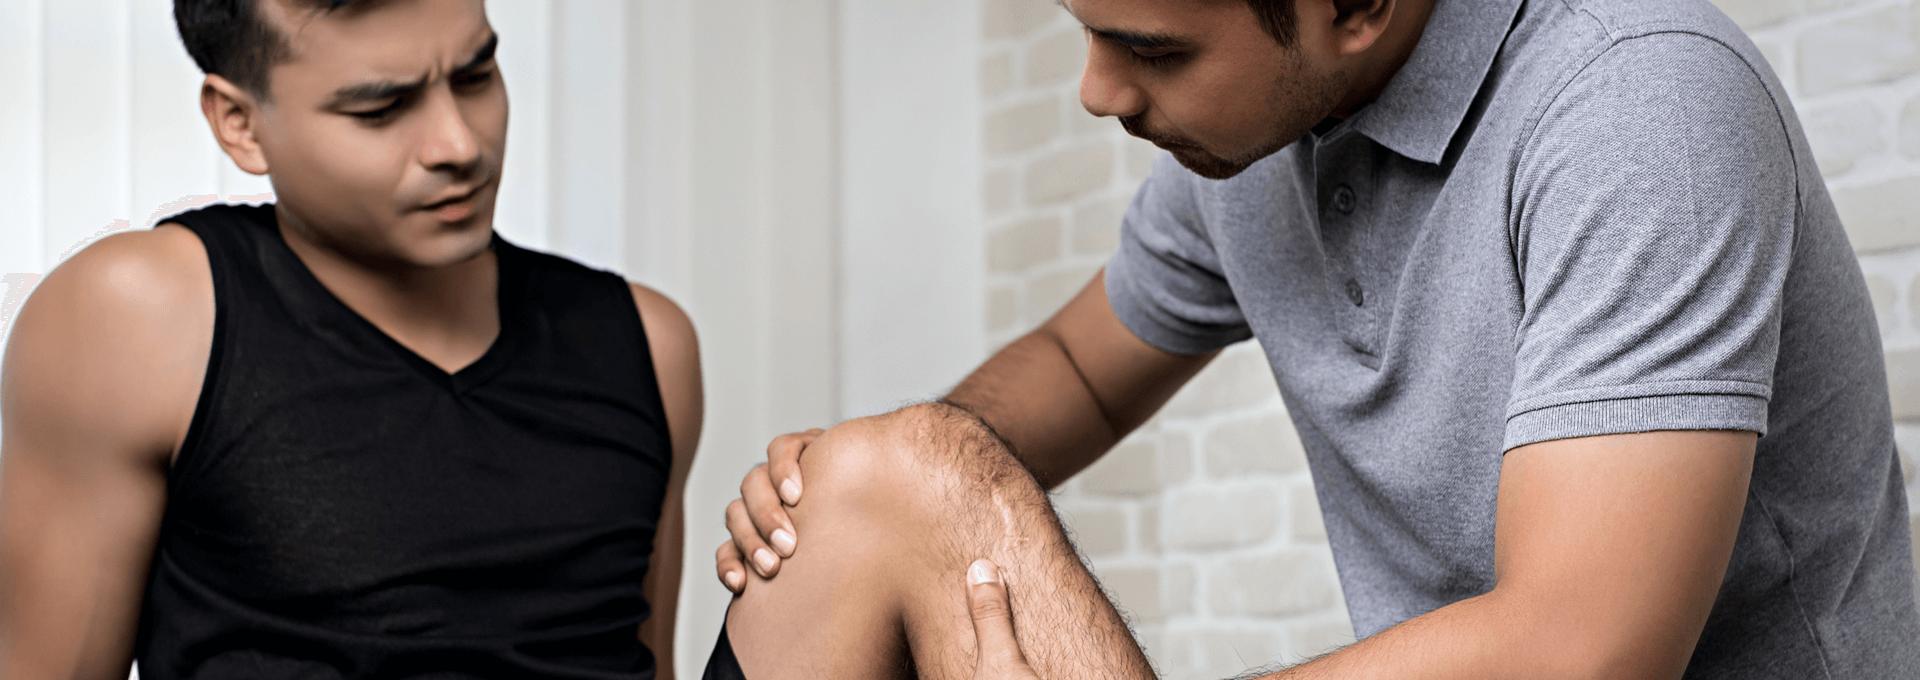 Rehabilitacja po operacji zerwanego ACL, czyli więzadła krzyżowo przedniego